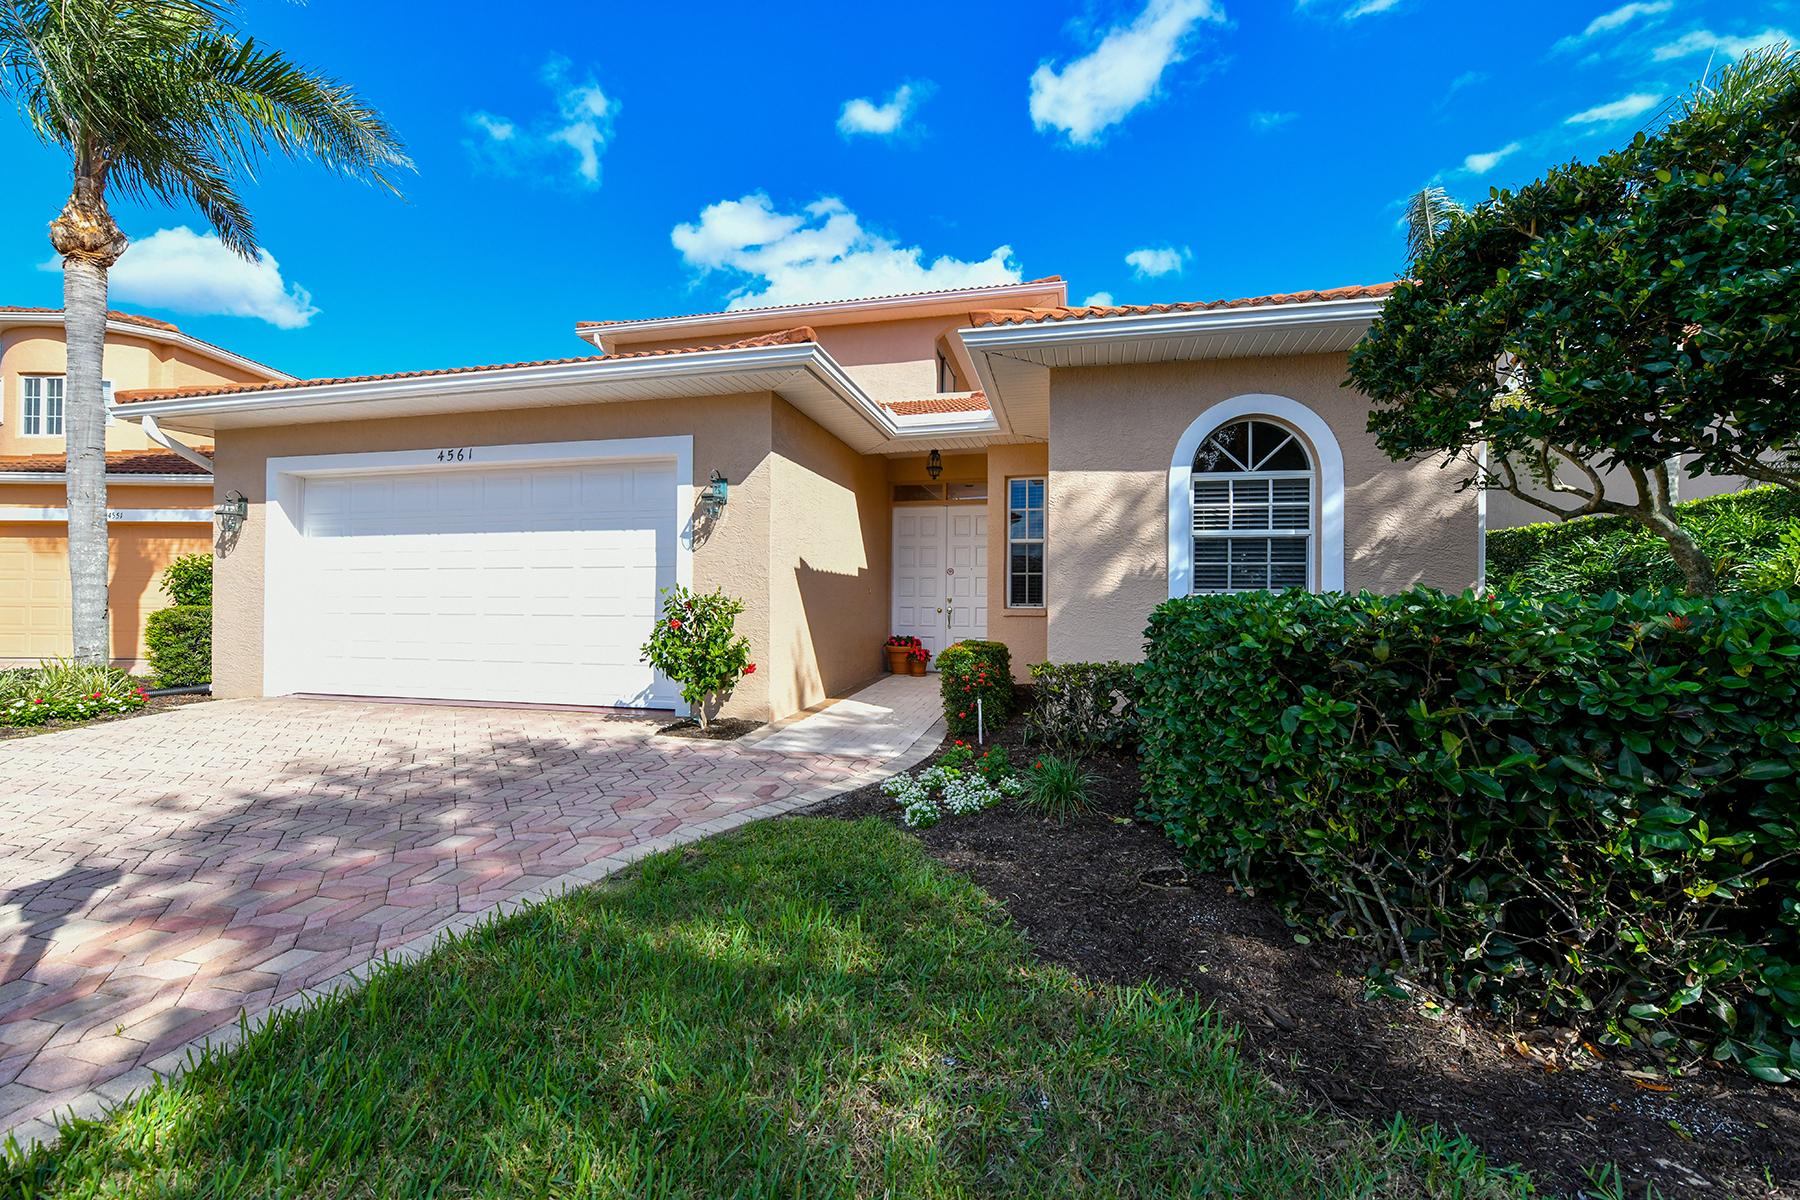 コンドミニアム のために 売買 アット PRESTANCIA 4561 Murcia Blvd 13, Sarasota, フロリダ, 34238 アメリカ合衆国